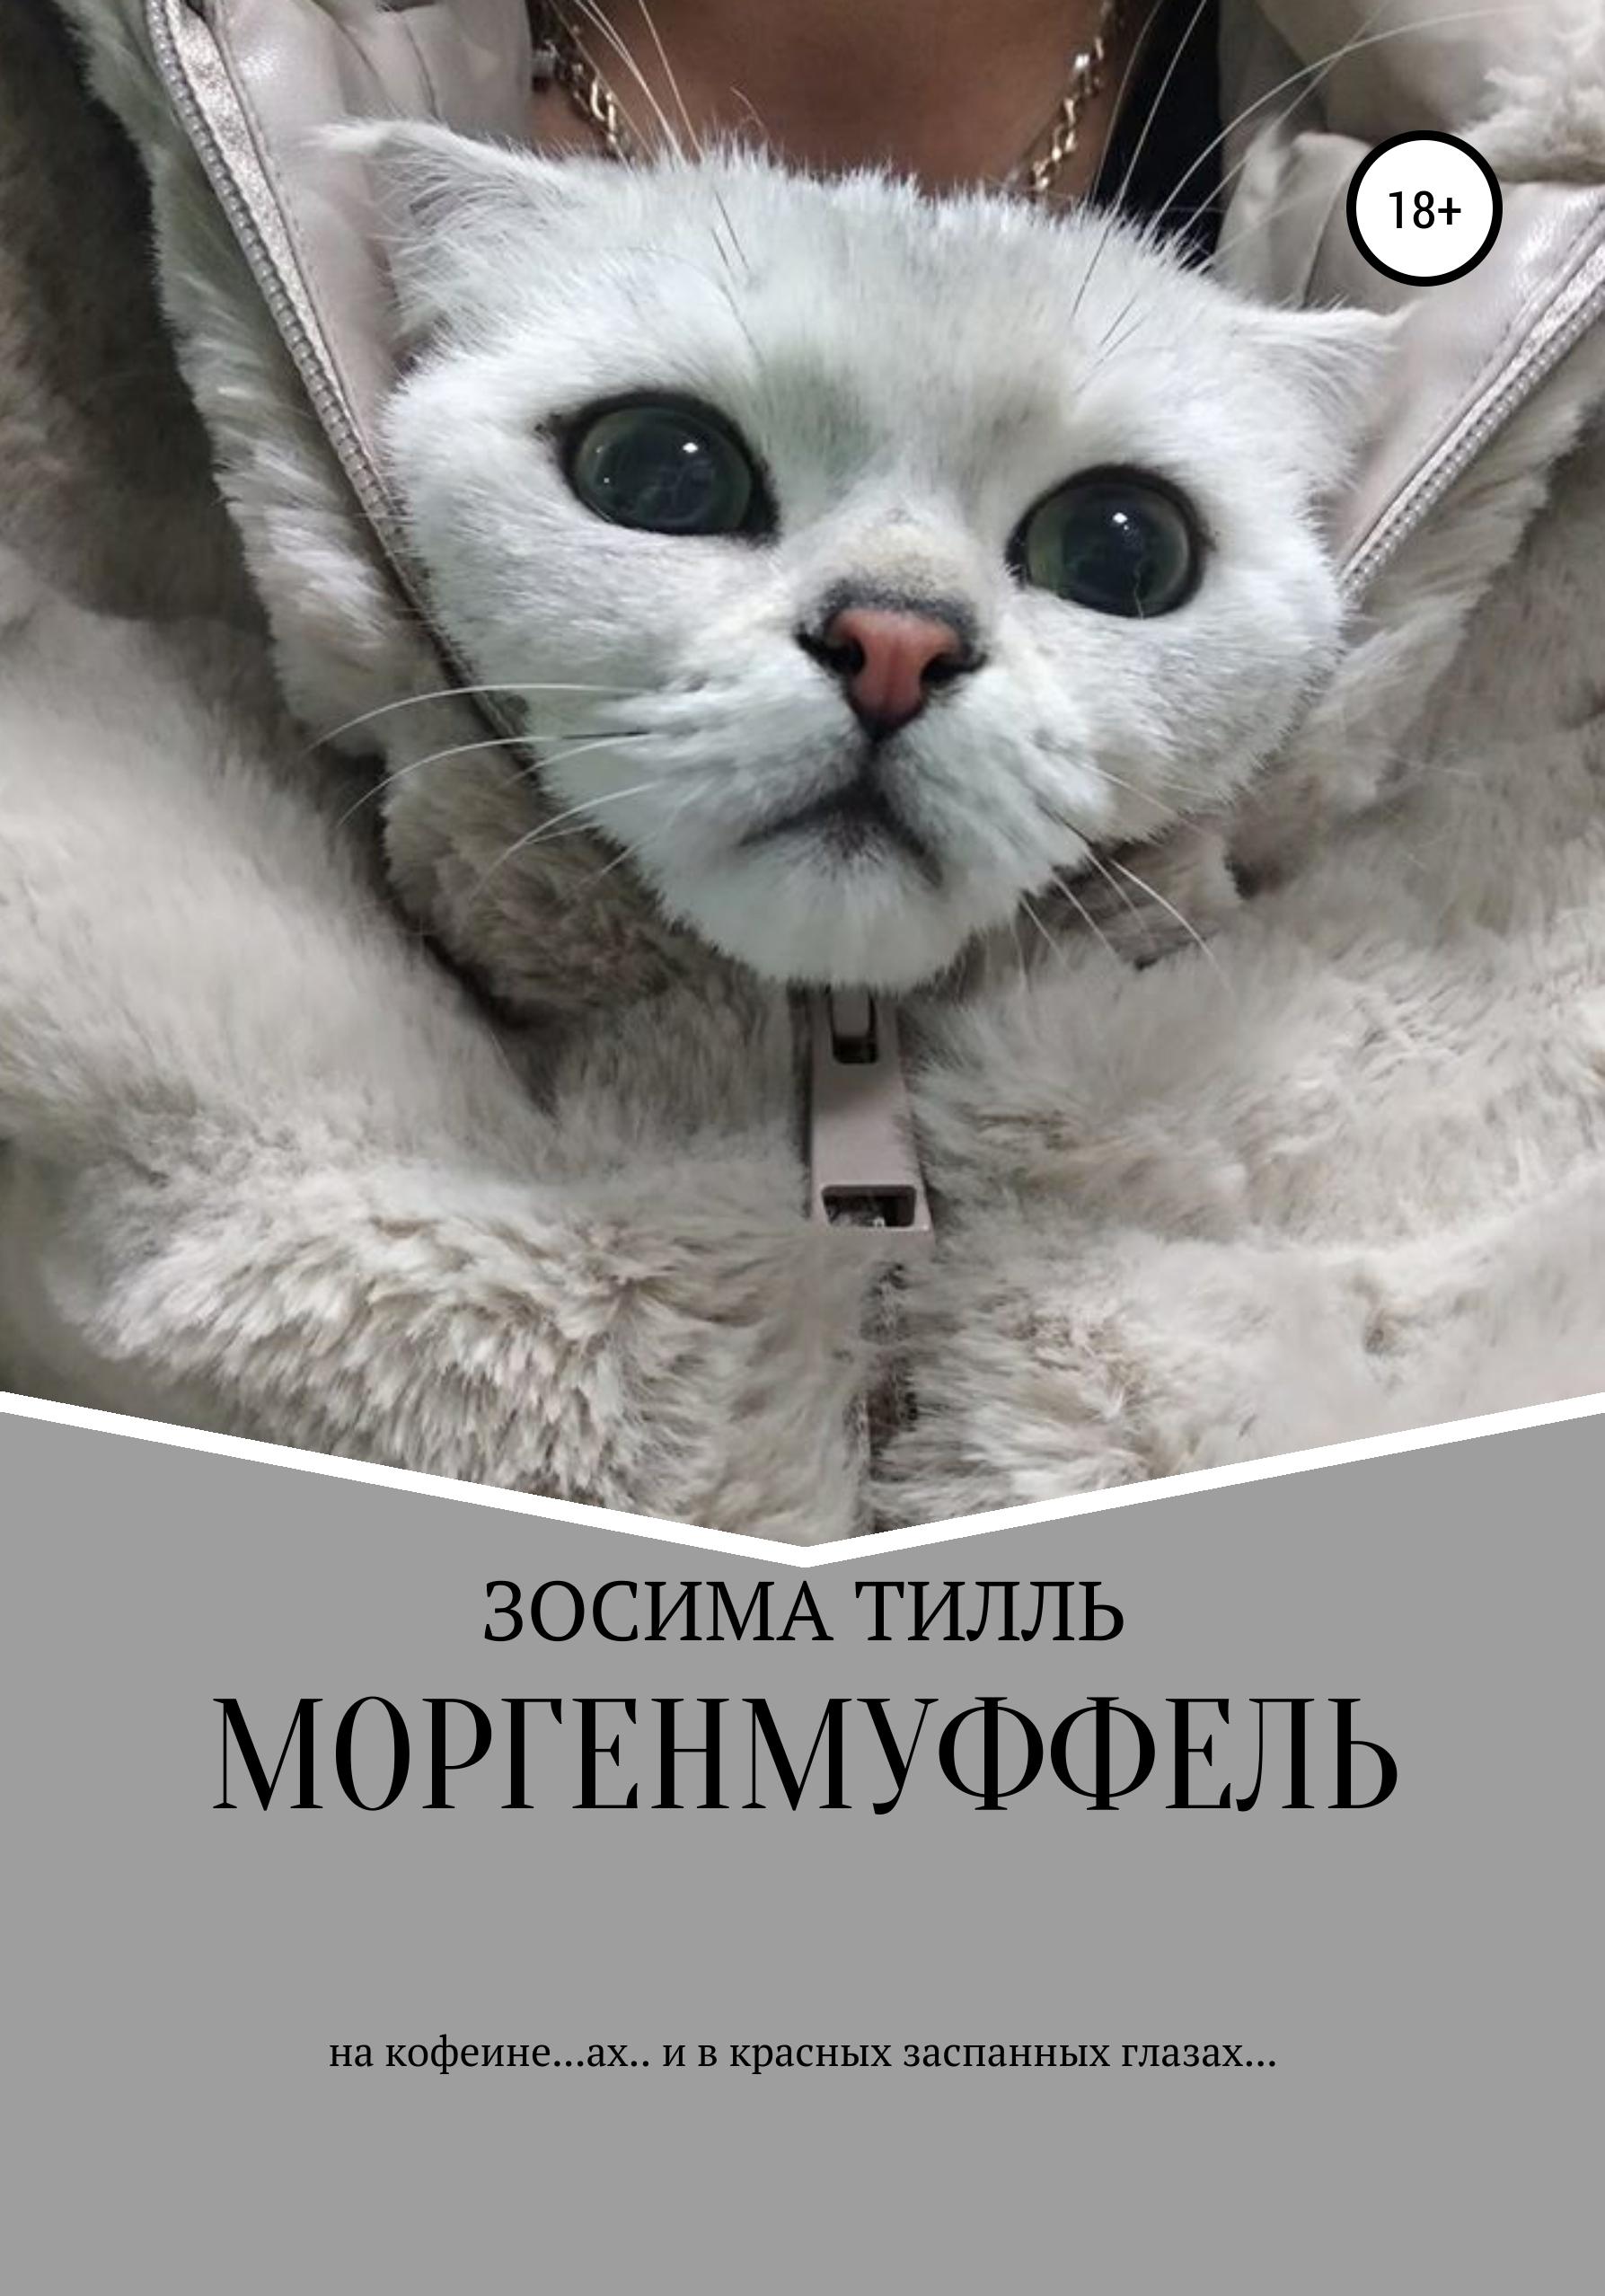 Обложка книги Моргенмуффель